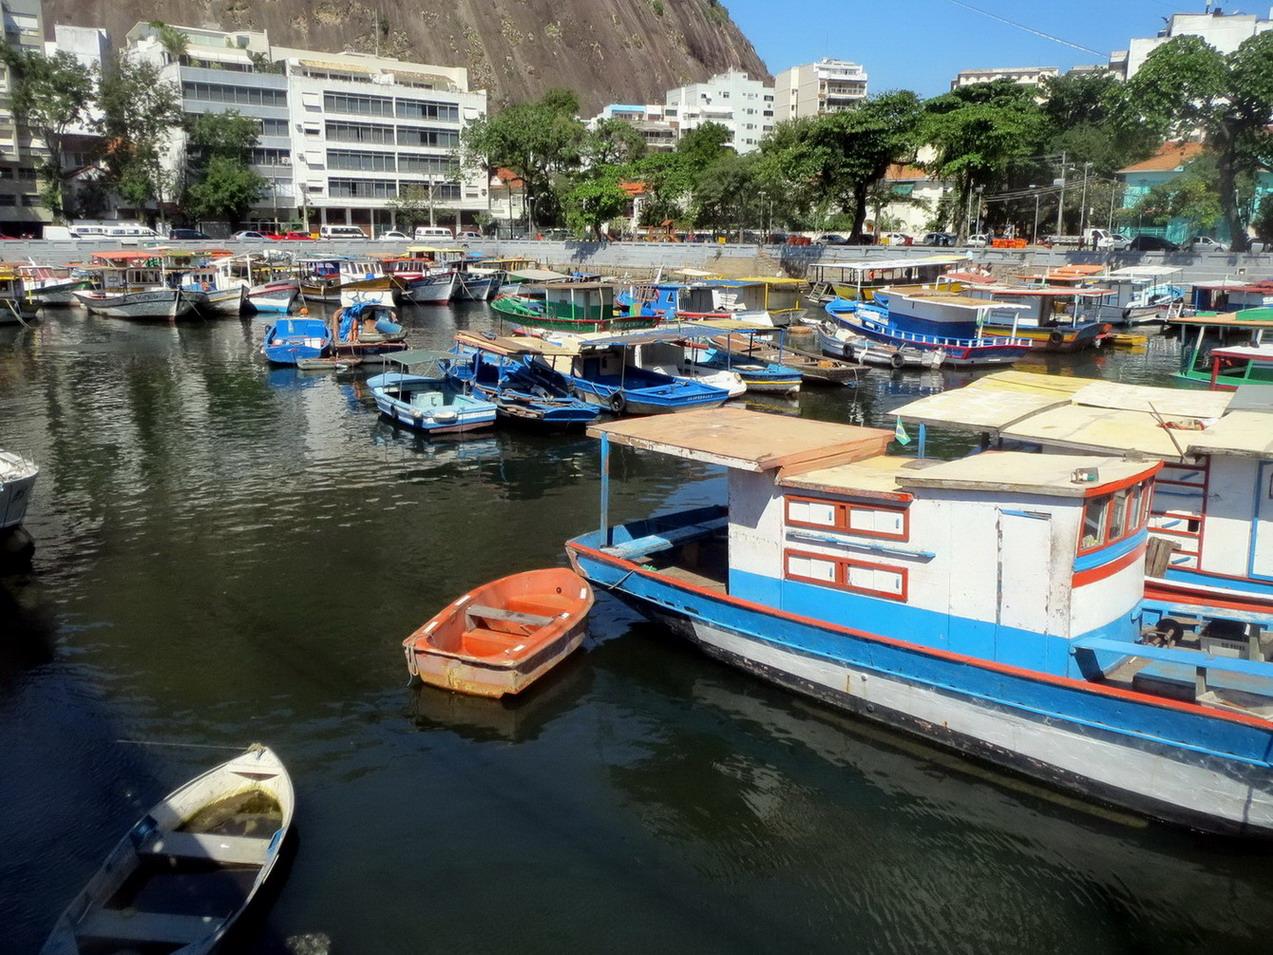 09. Urca, port de pêche résidentiel